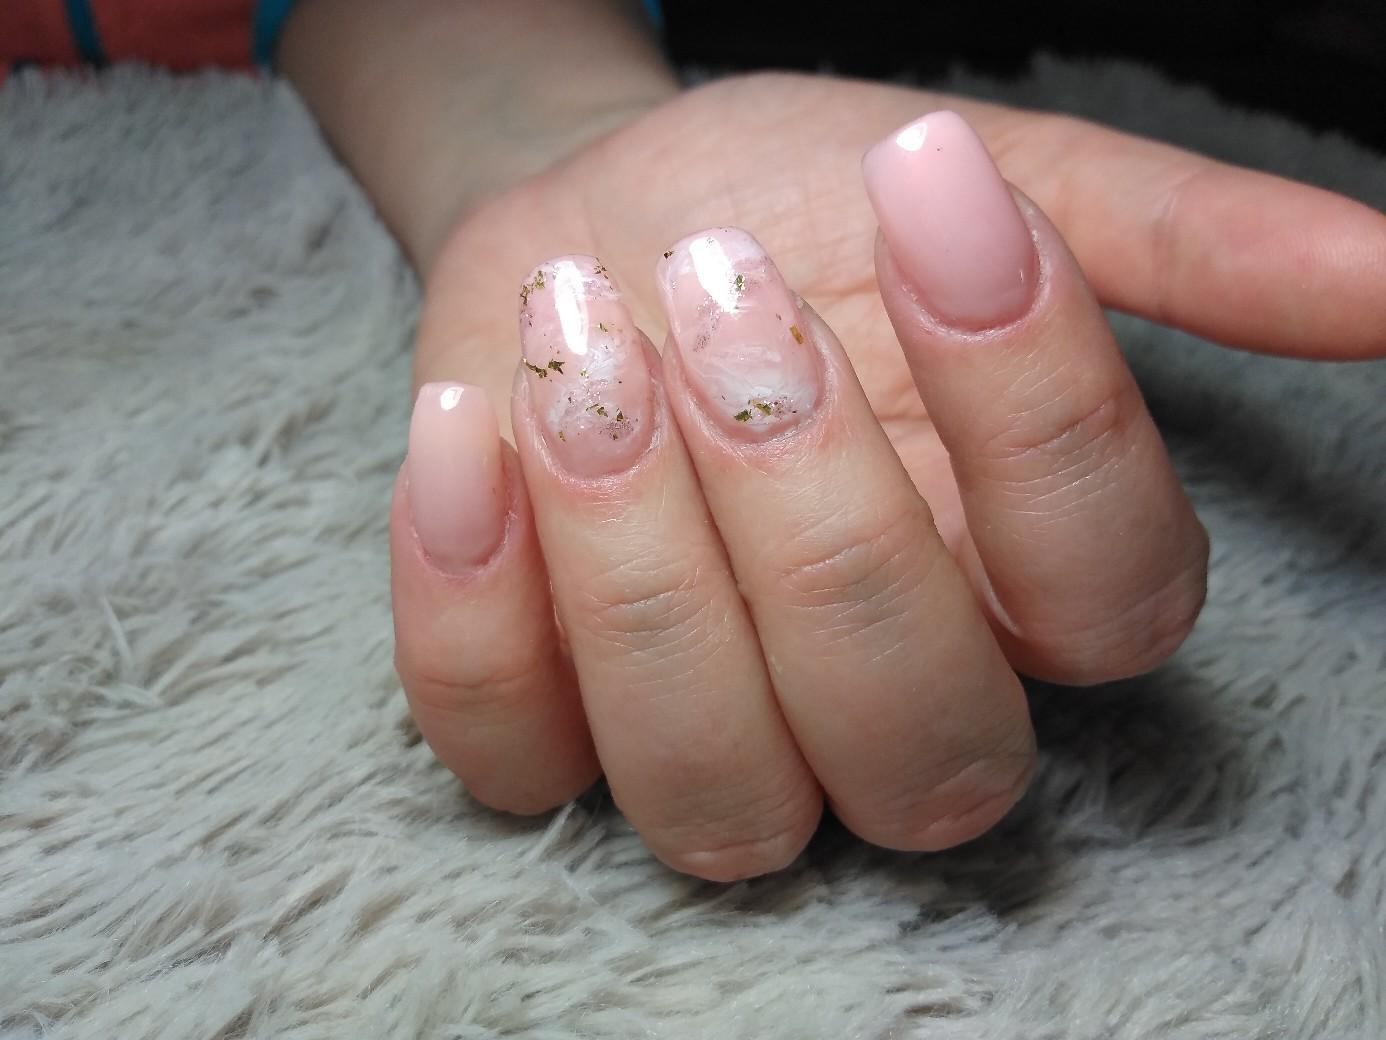 Нюдовый маникюр с мраморным дизайном и золотой фольгой на короткие ногти.